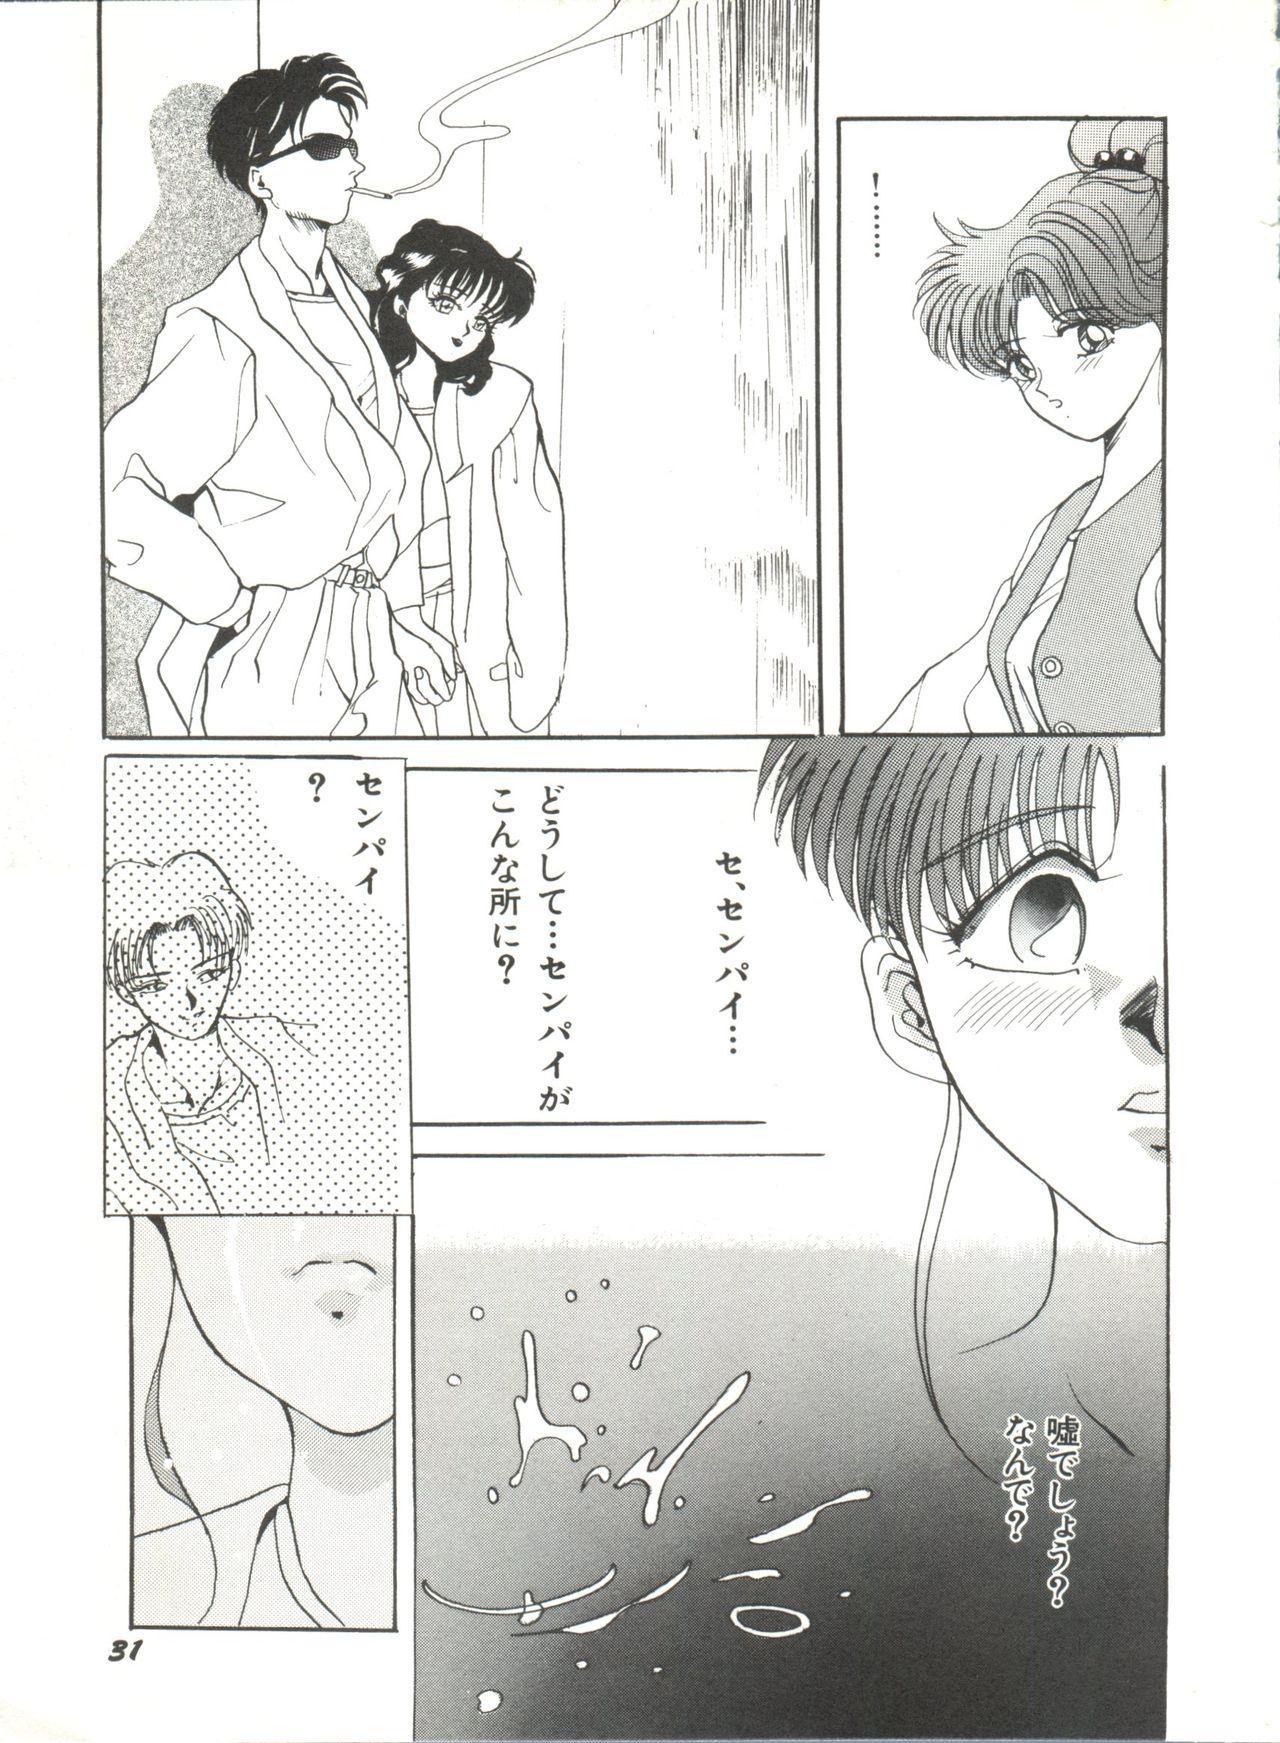 Bishoujo Doujinshi Anthology 12 - Moon Paradise 7 Tsuki no Rakuen 35